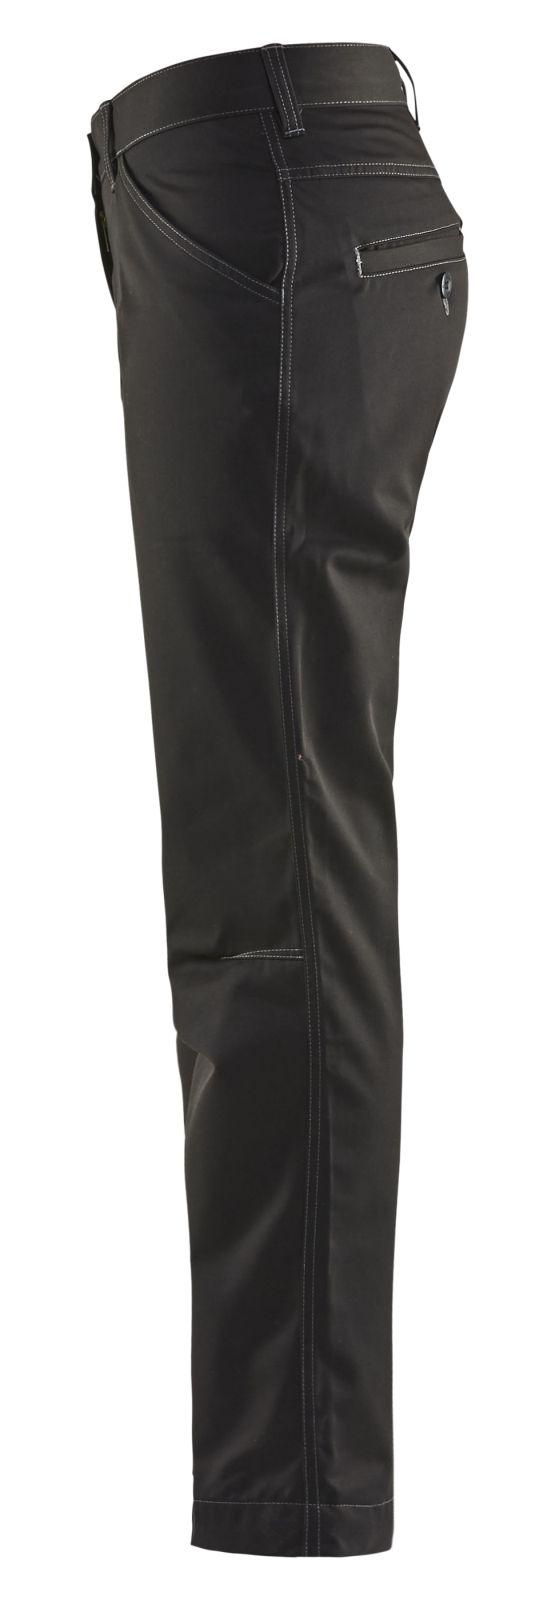 Blaklader Broeken 71901835 zwart(9900)